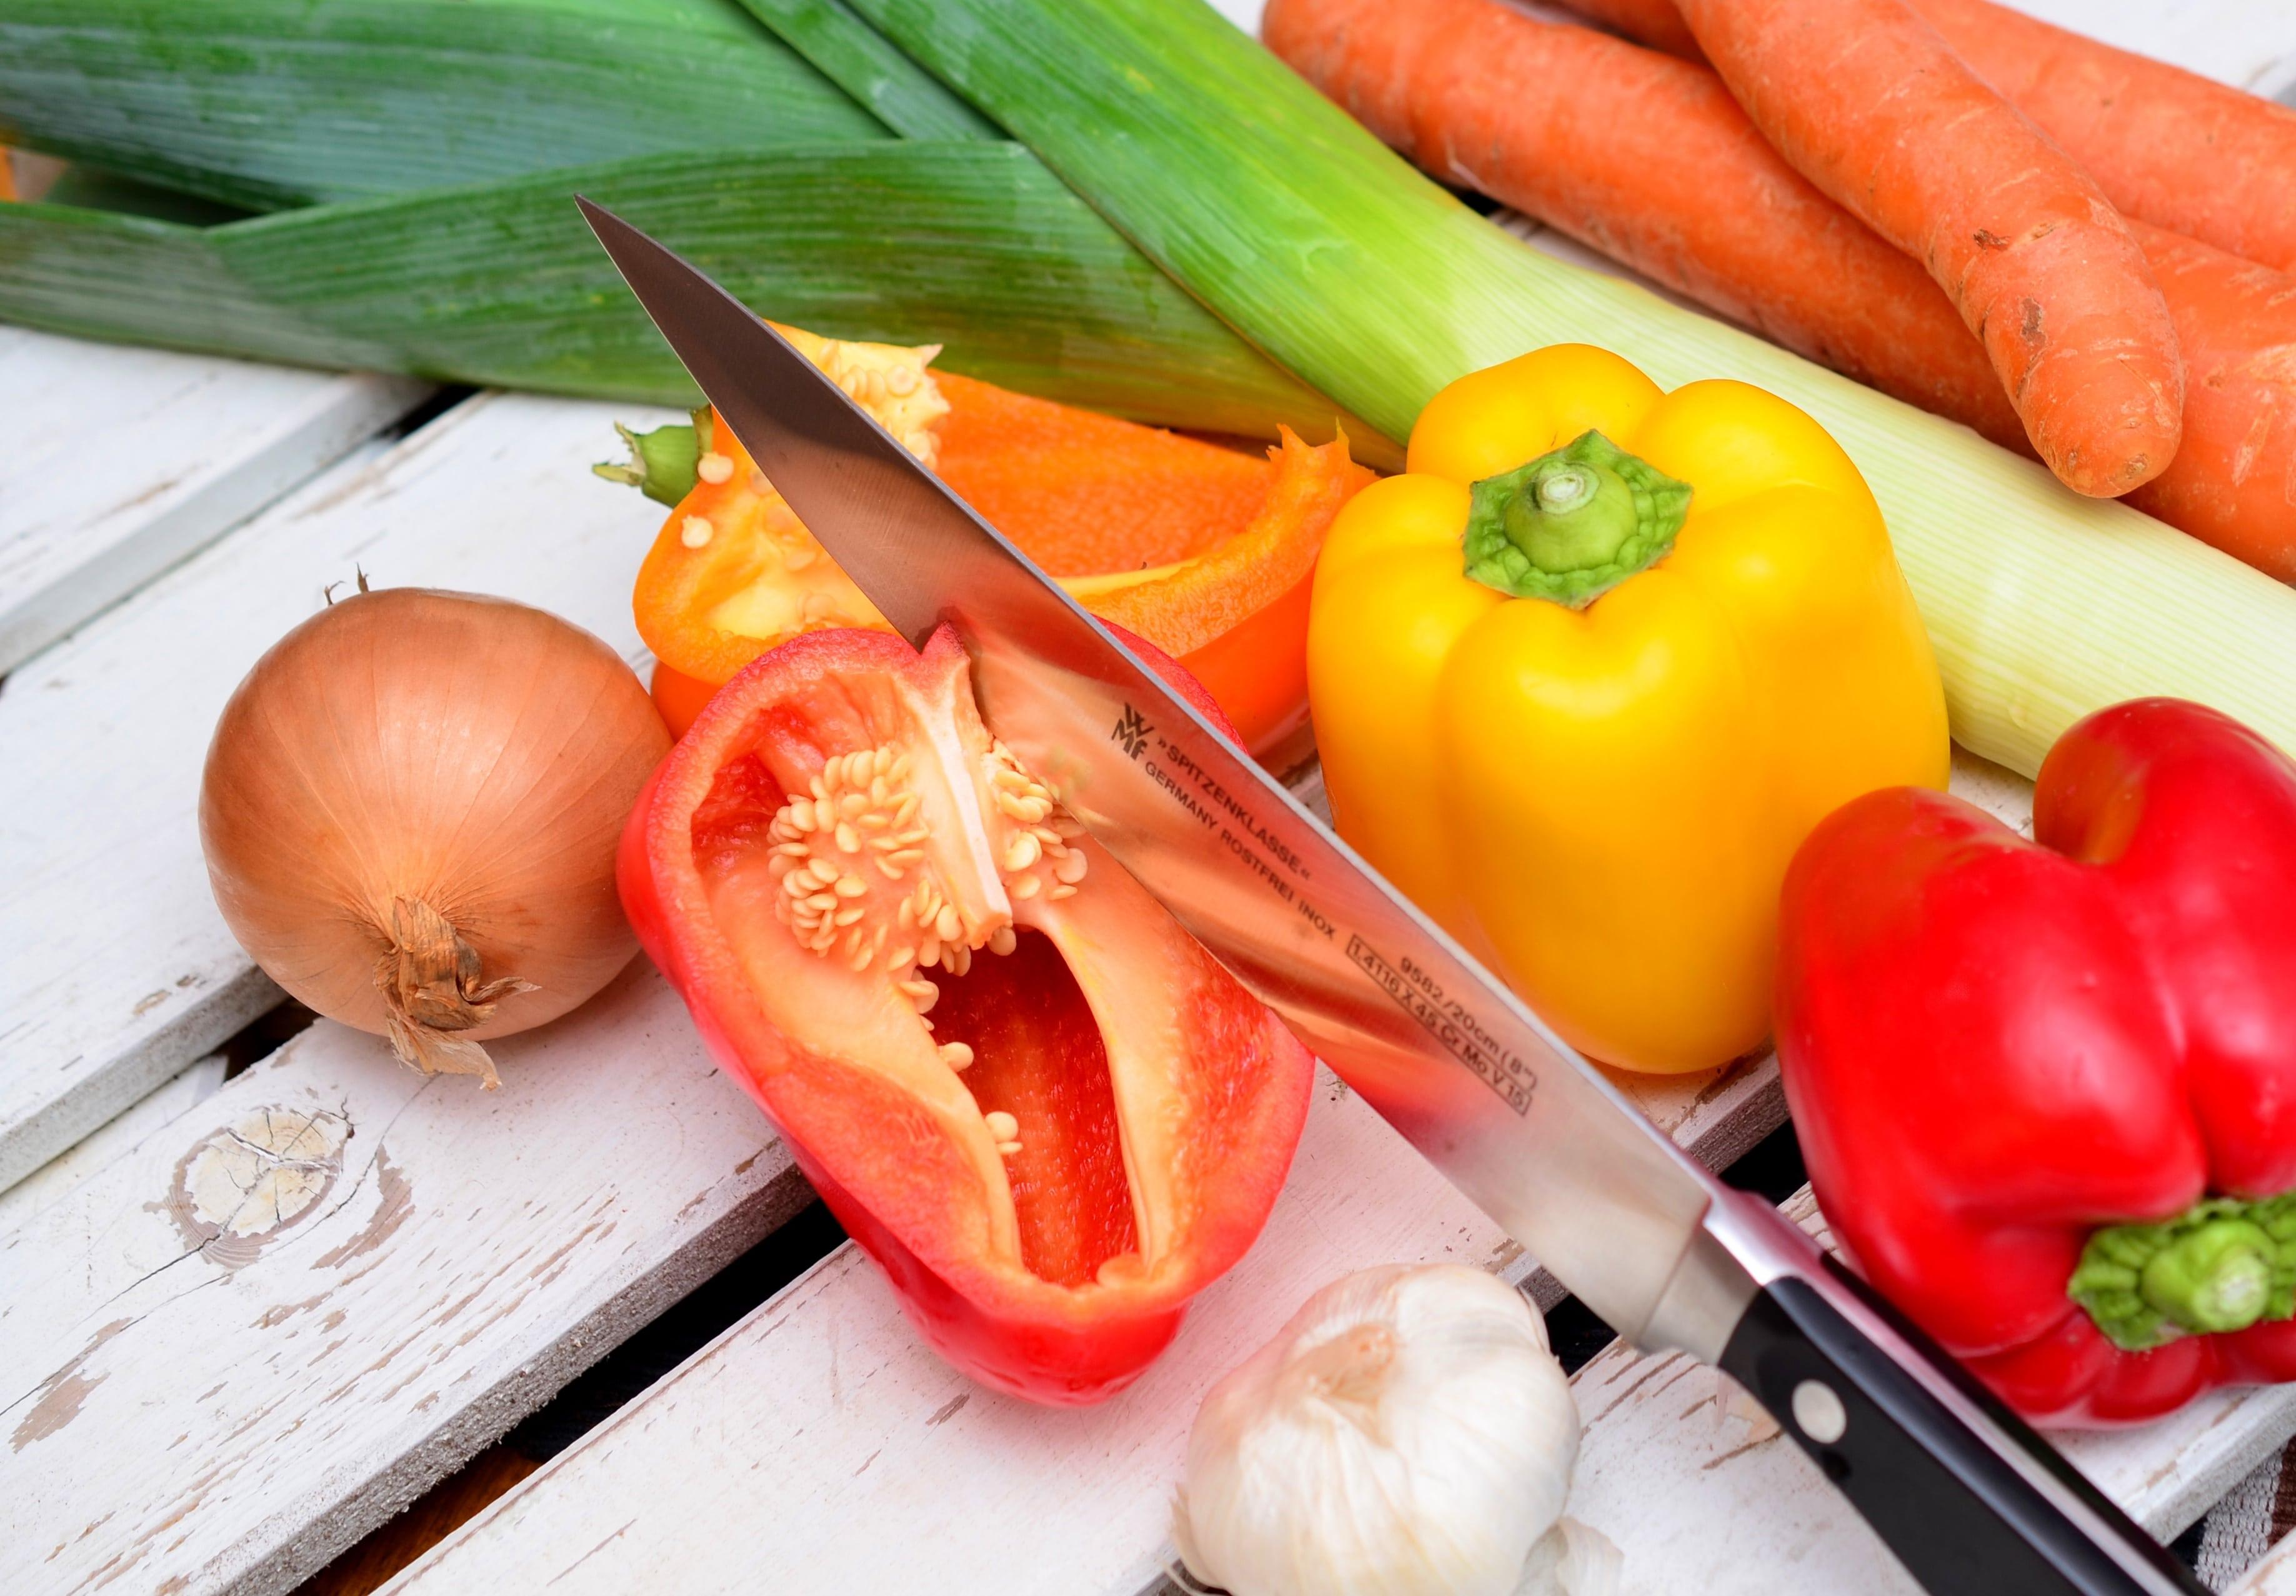 Artikel zum Thema: Top10 Lebensmittel zum Abnehmen